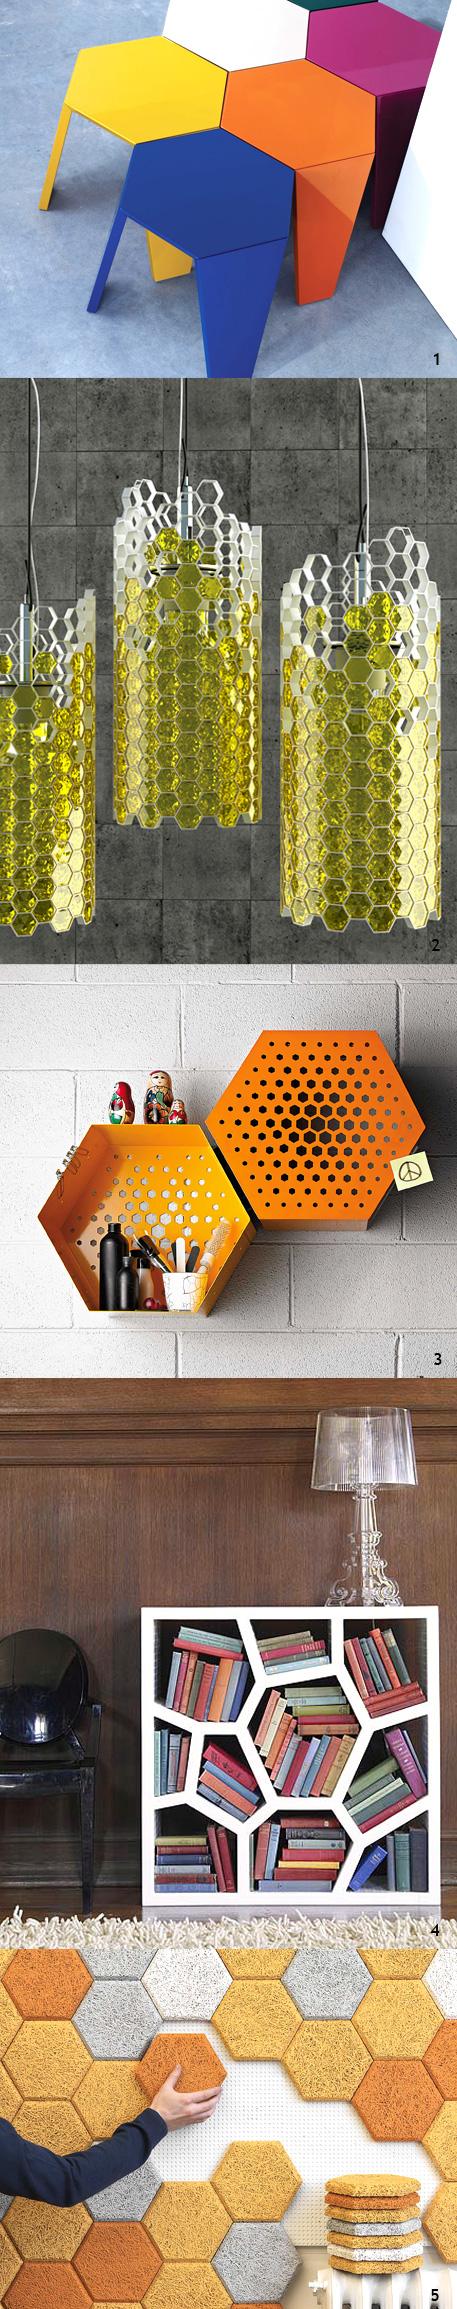 Objetos decorativos com desenho hexagonal